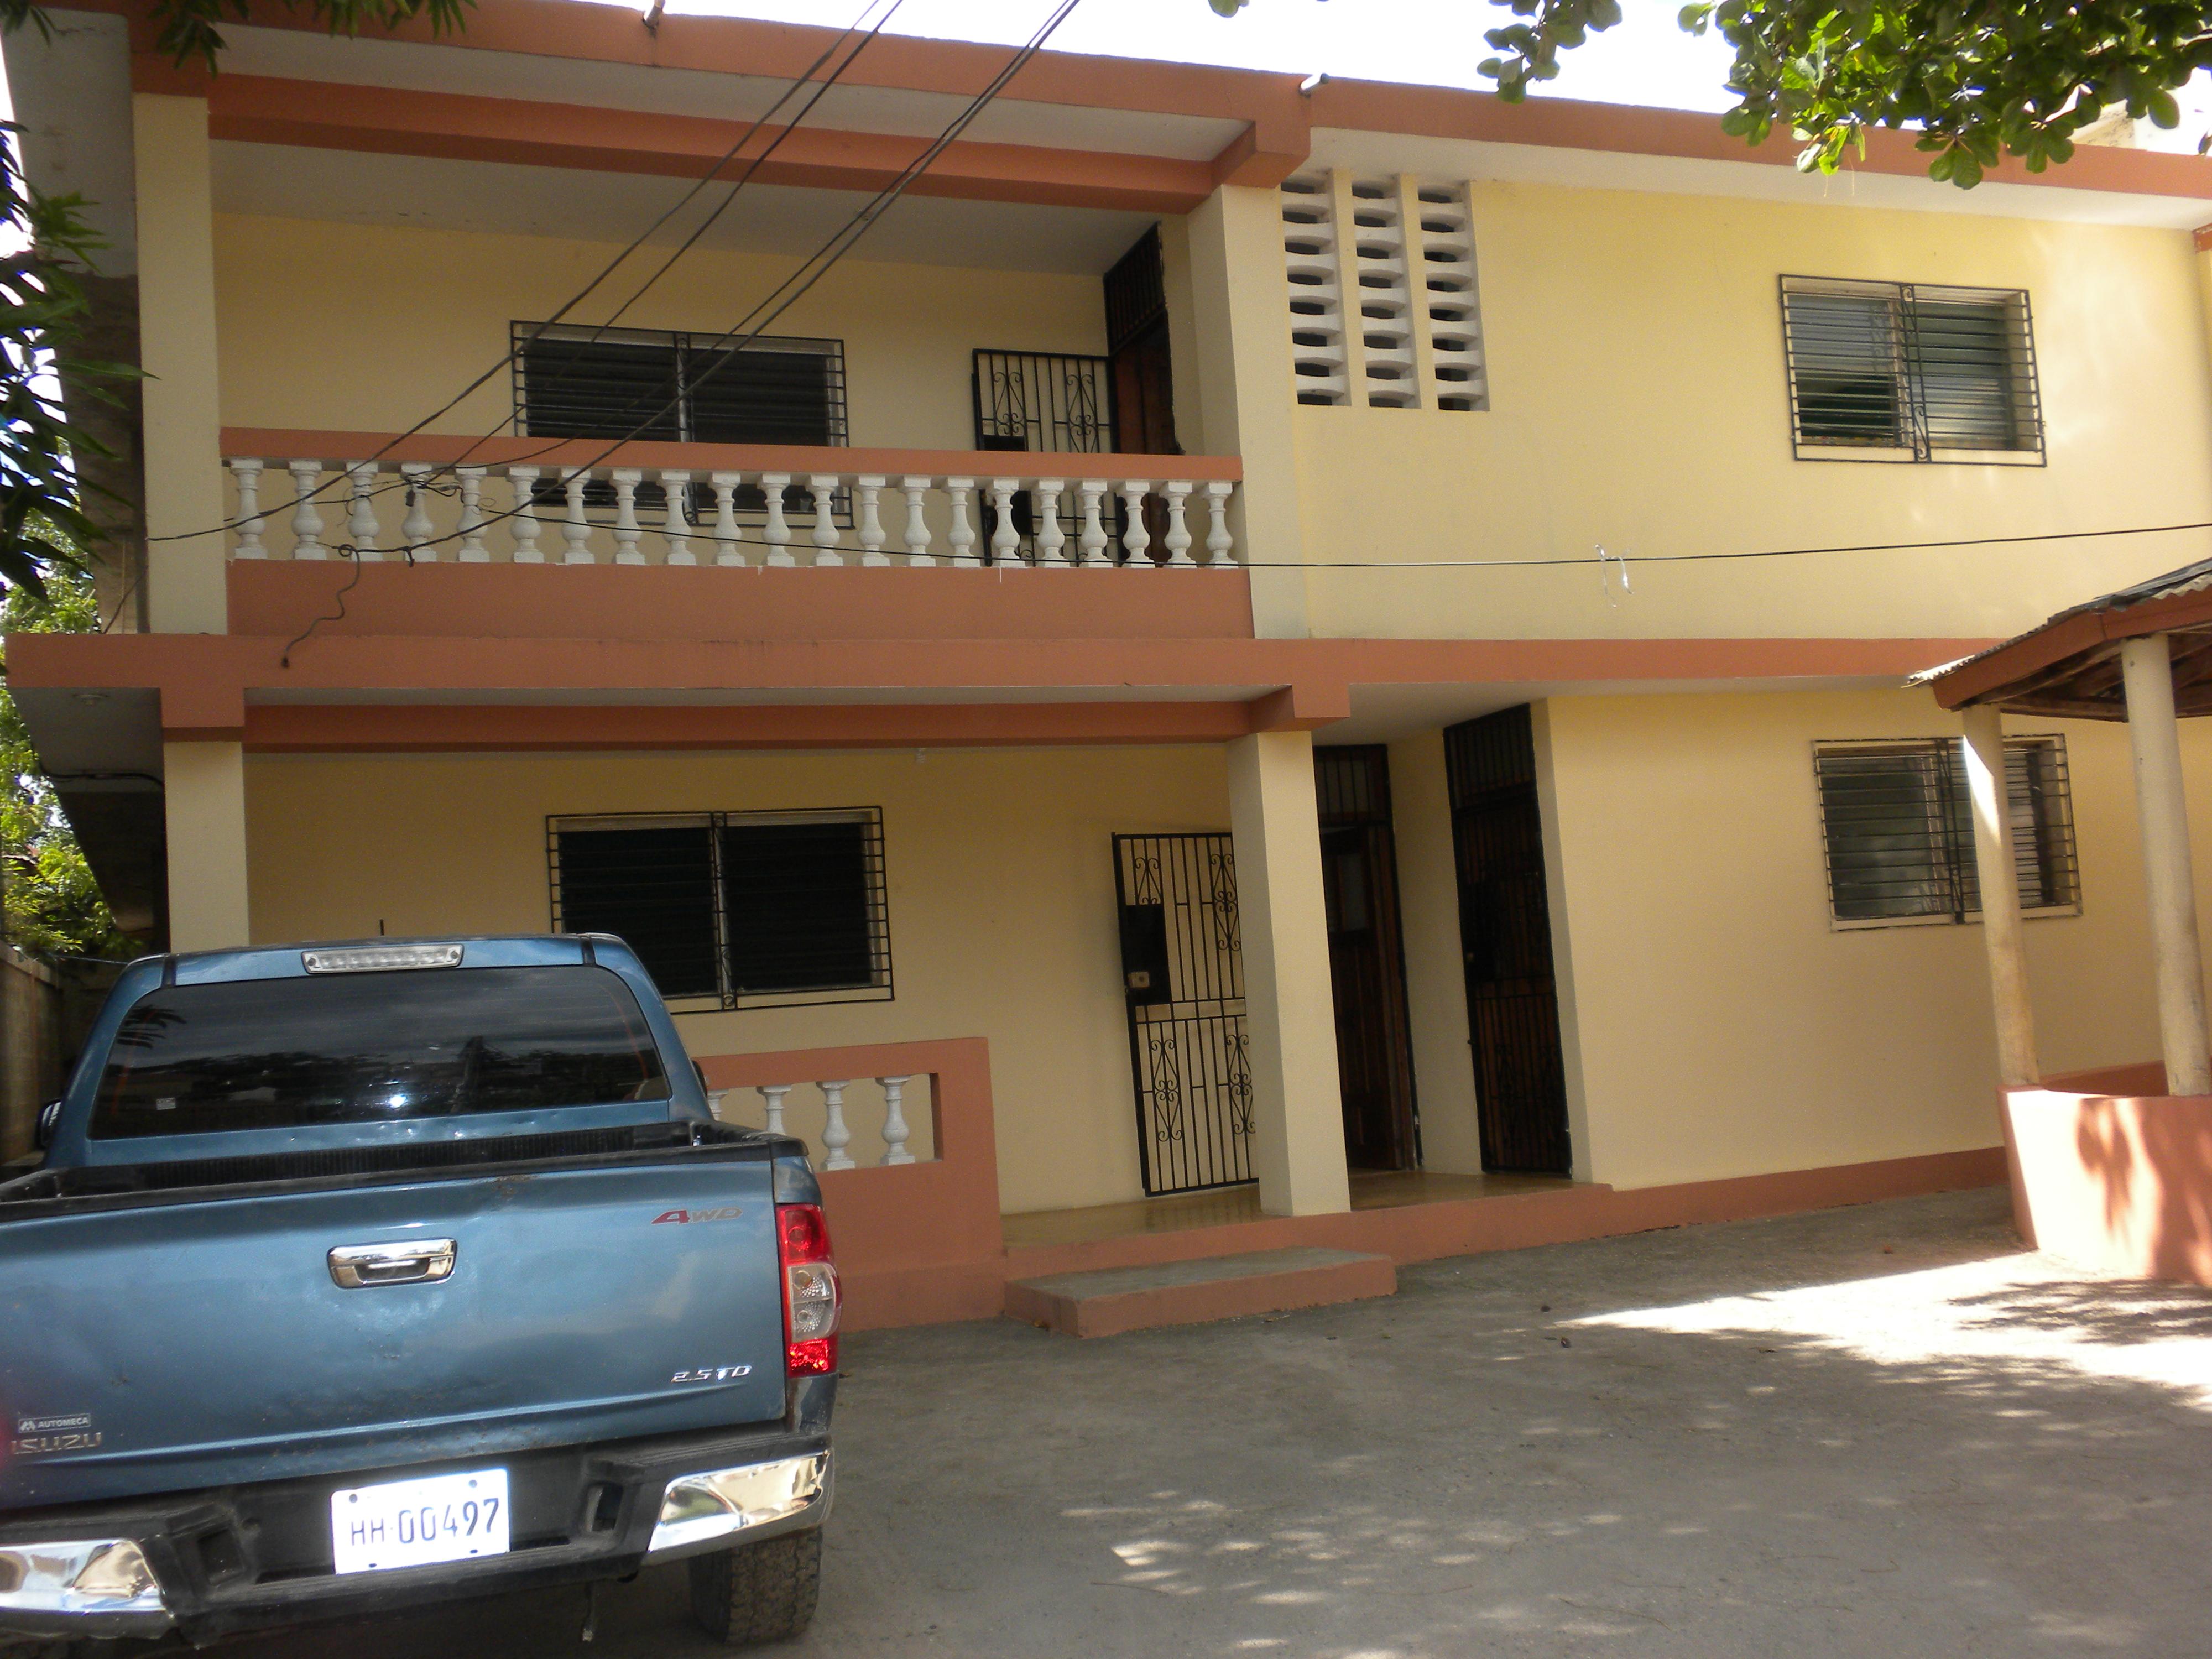 Sant Sosyal La Konbit, Jacmel, Haïti